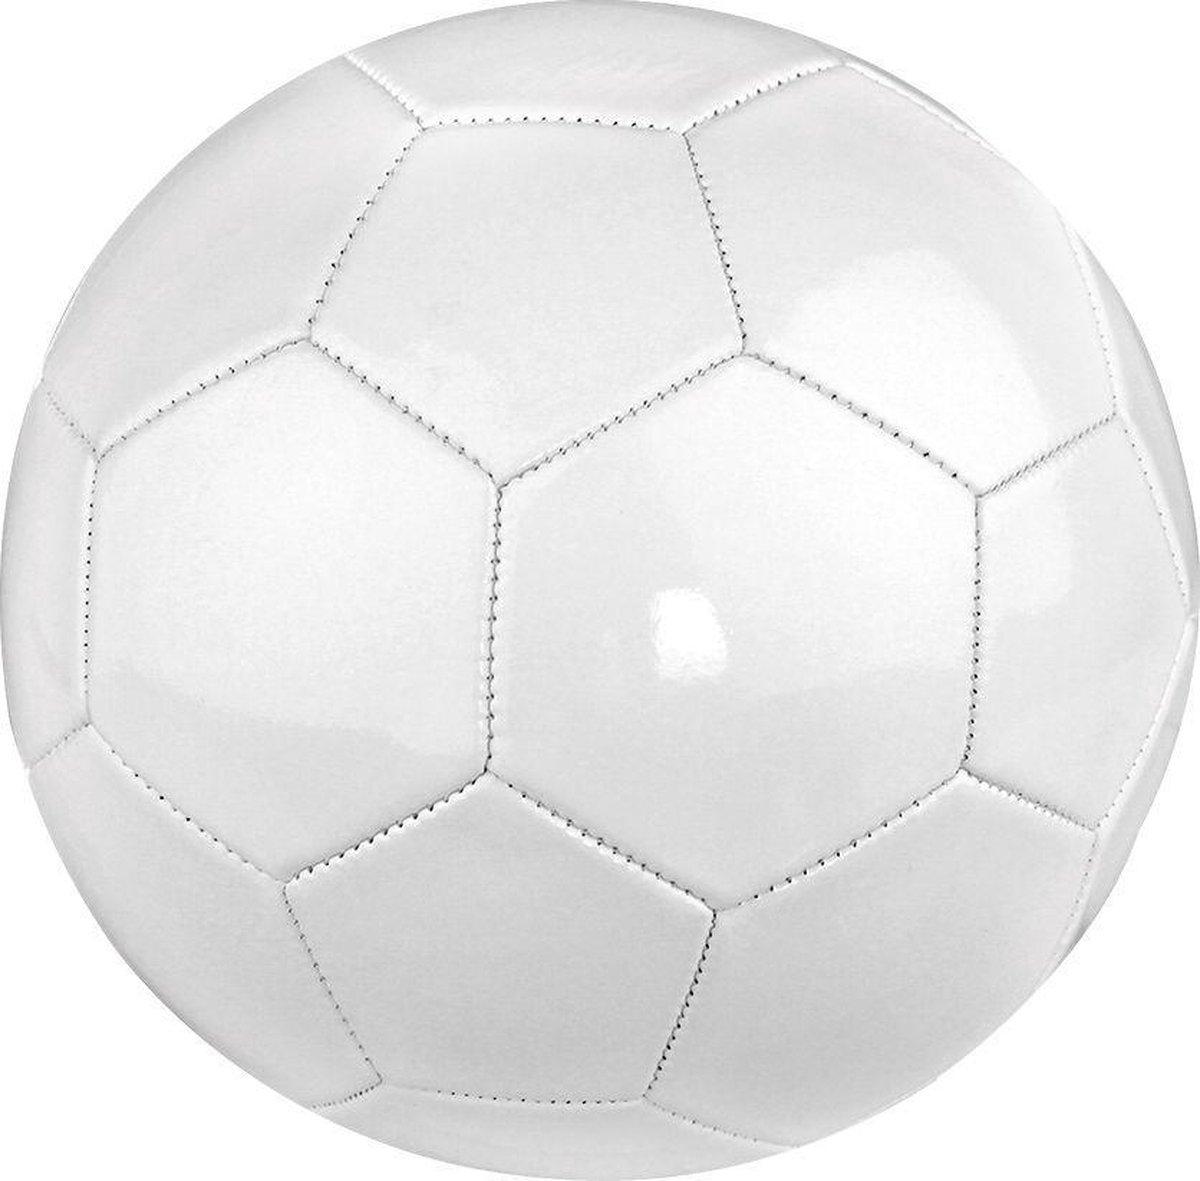 Avento Warp Speeder - Voetbal - 5 - Wit